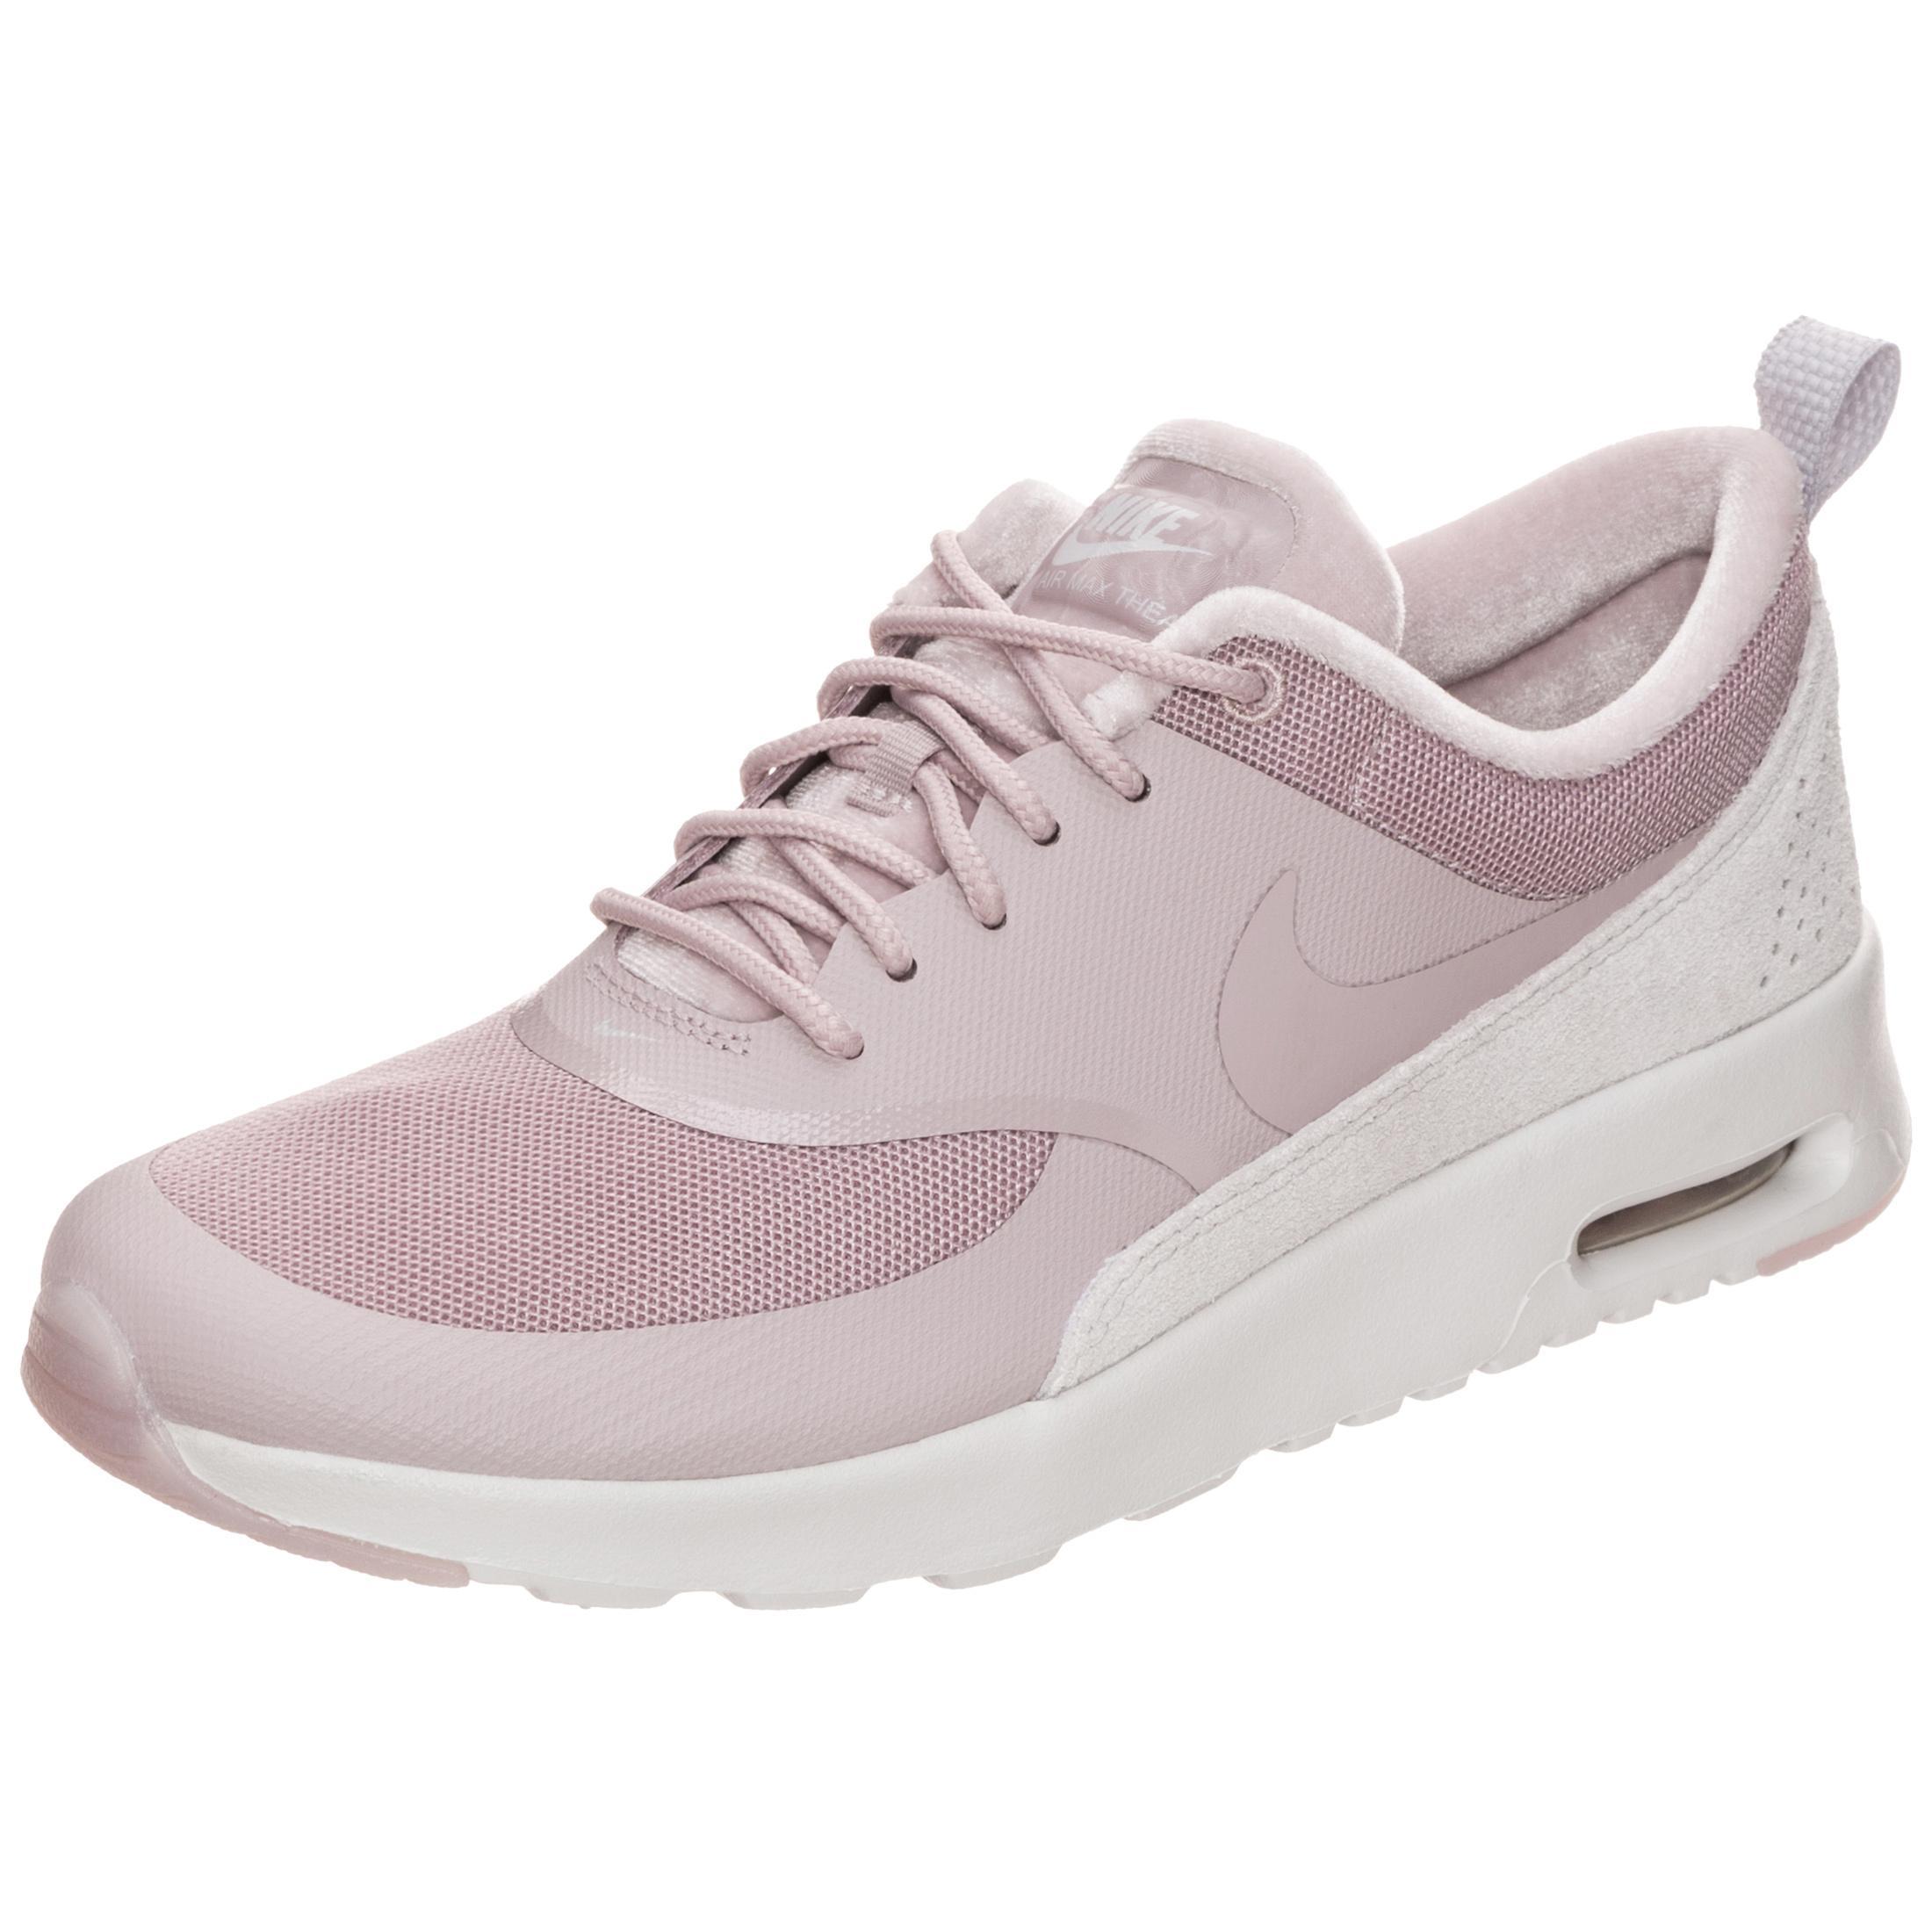 Nike Air Max Thea Sneaker Damen rosa hellgrau im Online Shop von SportScheck kaufen